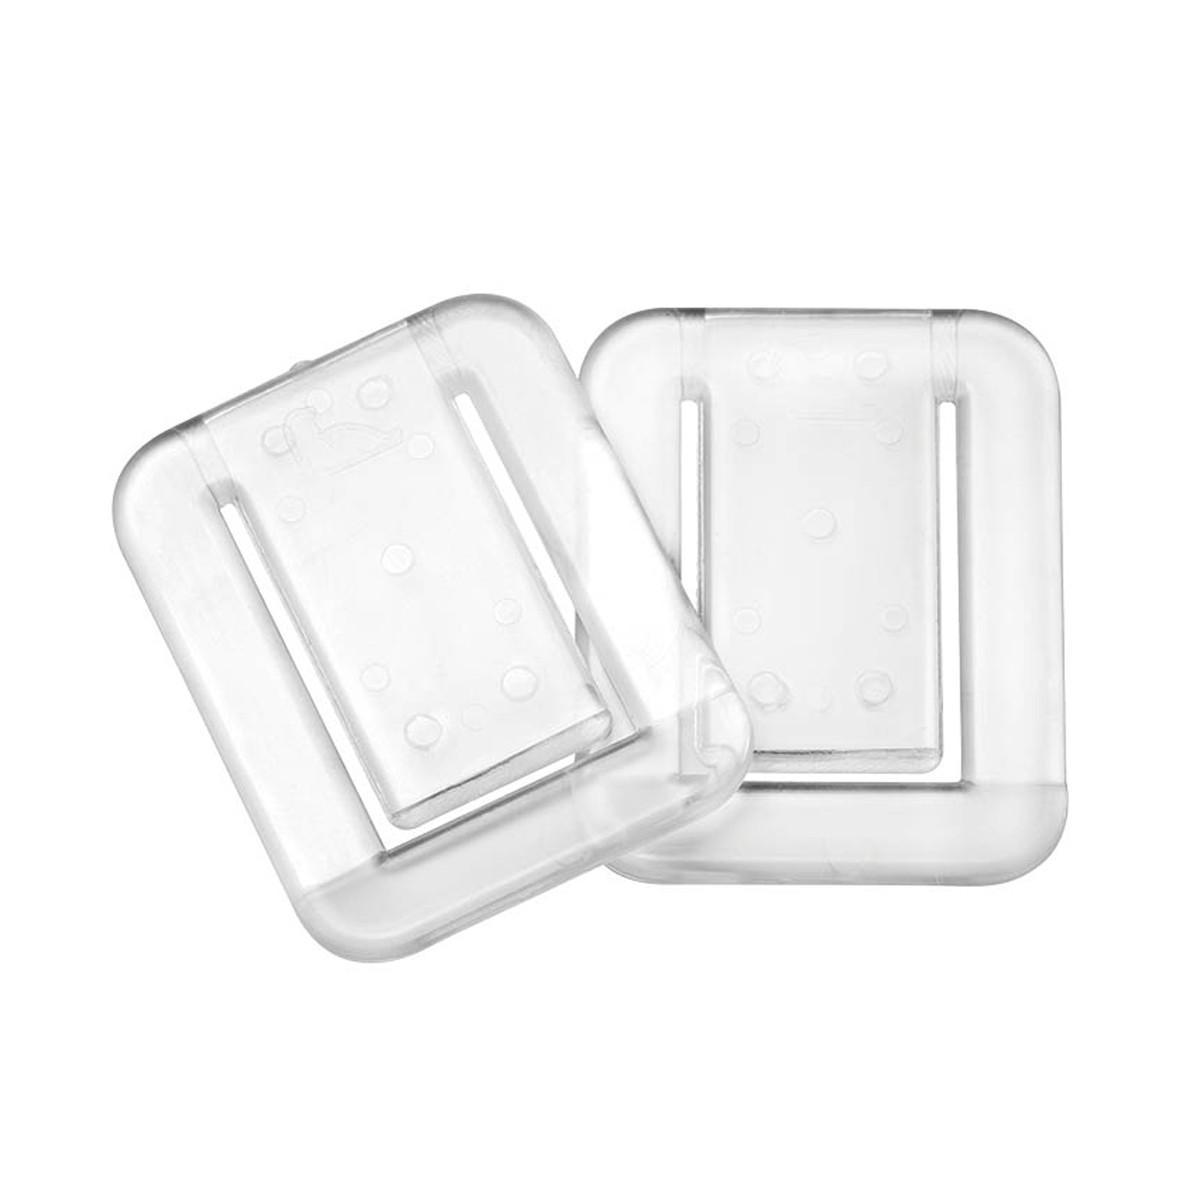 Στηρίγματα Σταθεροπoίησης Κουρτίνας Μπάνιου SealSkin Fix Clear